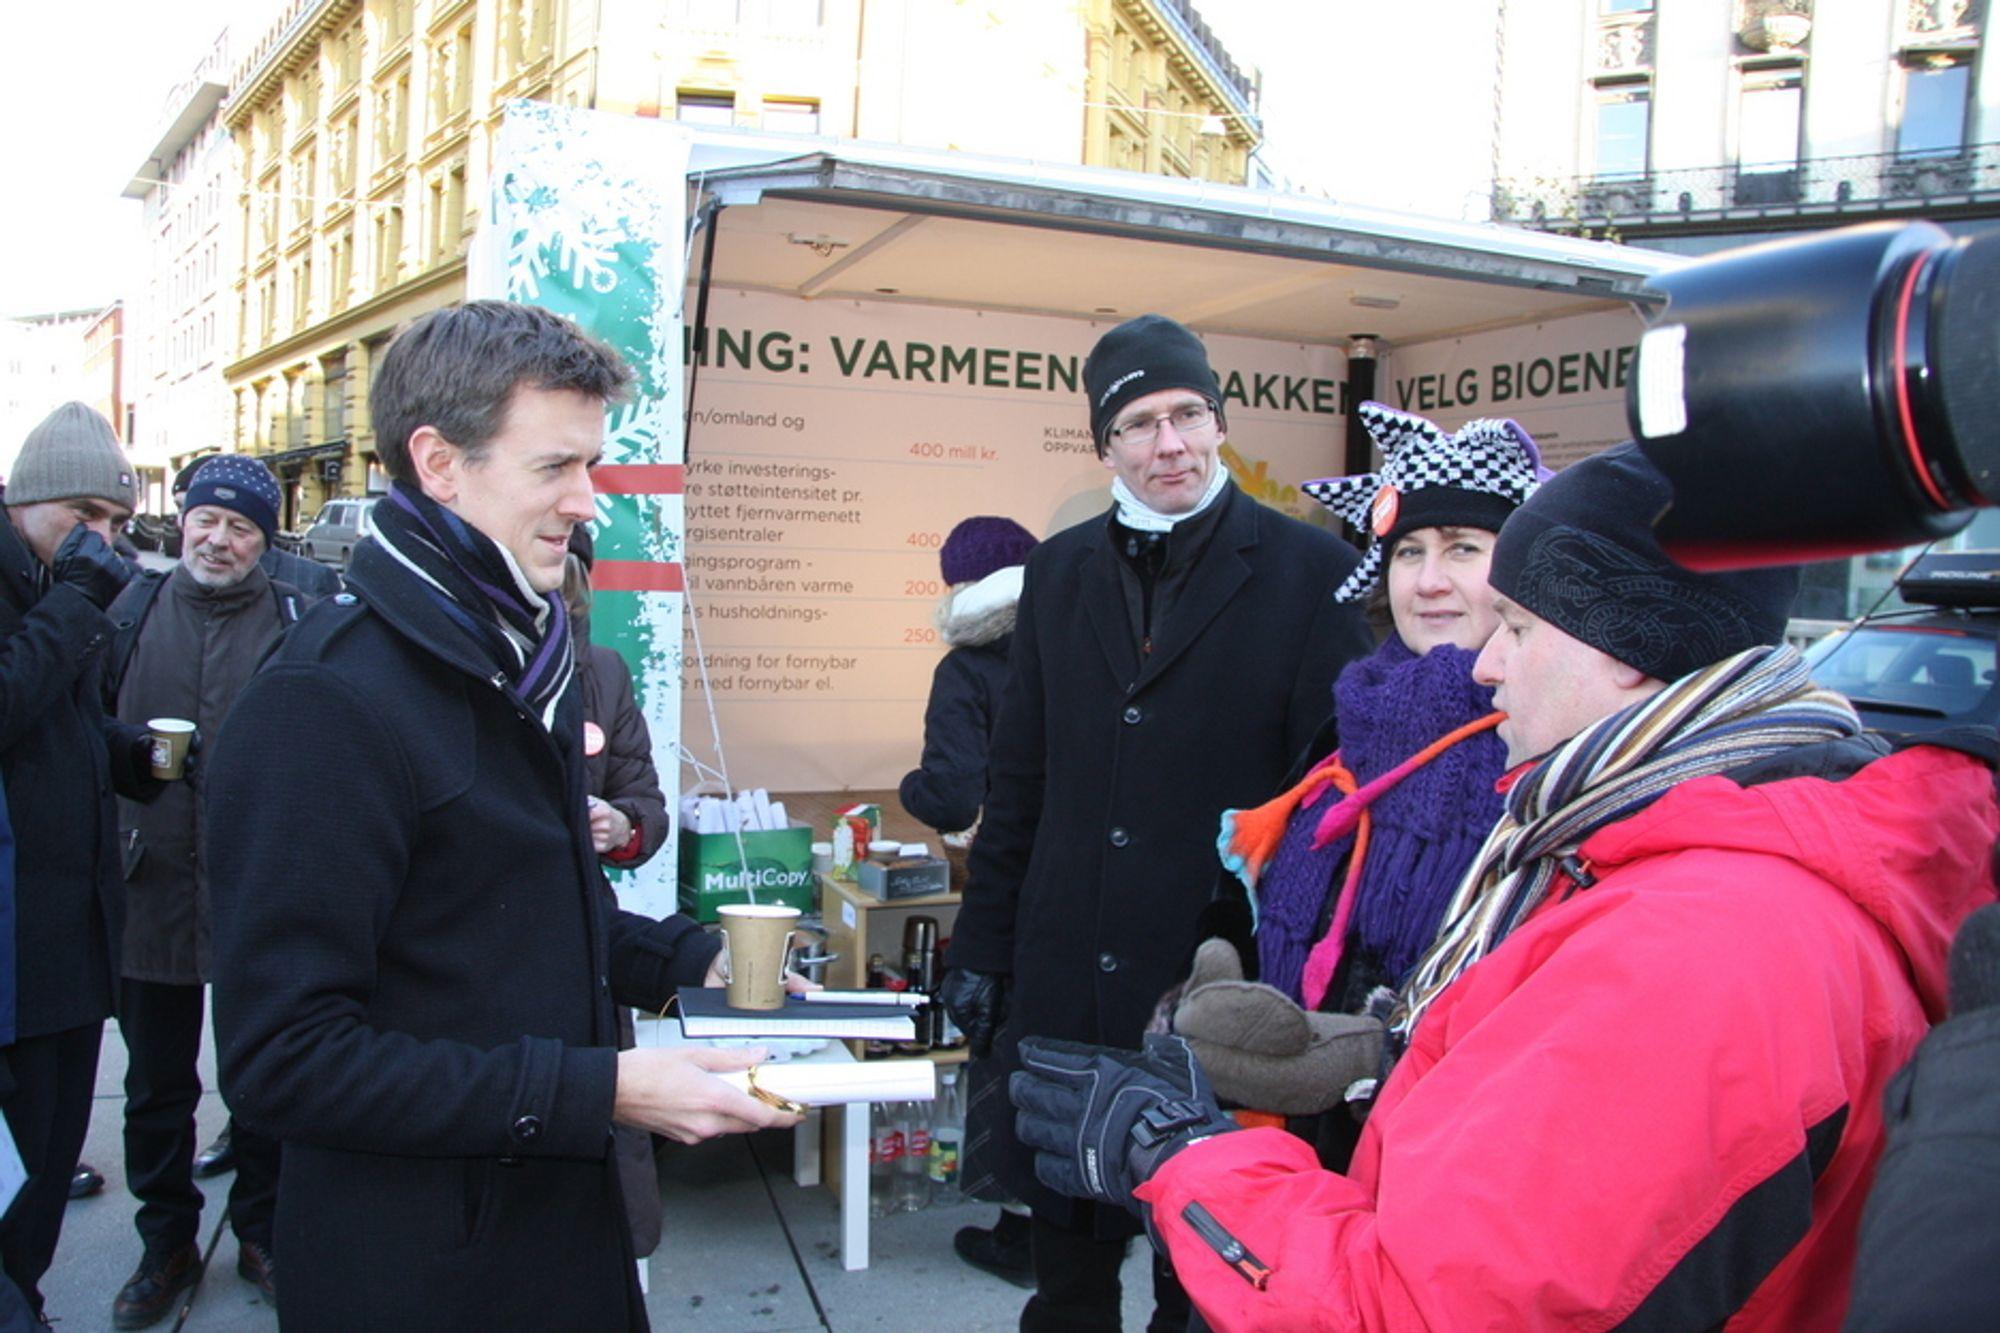 ØNSKER MILLIARDPAKKE: NoBio, Norsk Fjernvarmeforening og Avfall Norge ønsker seg økt støtte til fjernvarme, konvertering til vannbåren varme og kjøp av private pelletsovner. Fra venstre leder Erling Sande (Sp) i energikomiteen på Stortinget, direktør Håkon Jentoft i Avfall Norge, Heidi Juhler i Norsk Fjernvarmeforening og Cato Kjølstad fra NoBio.